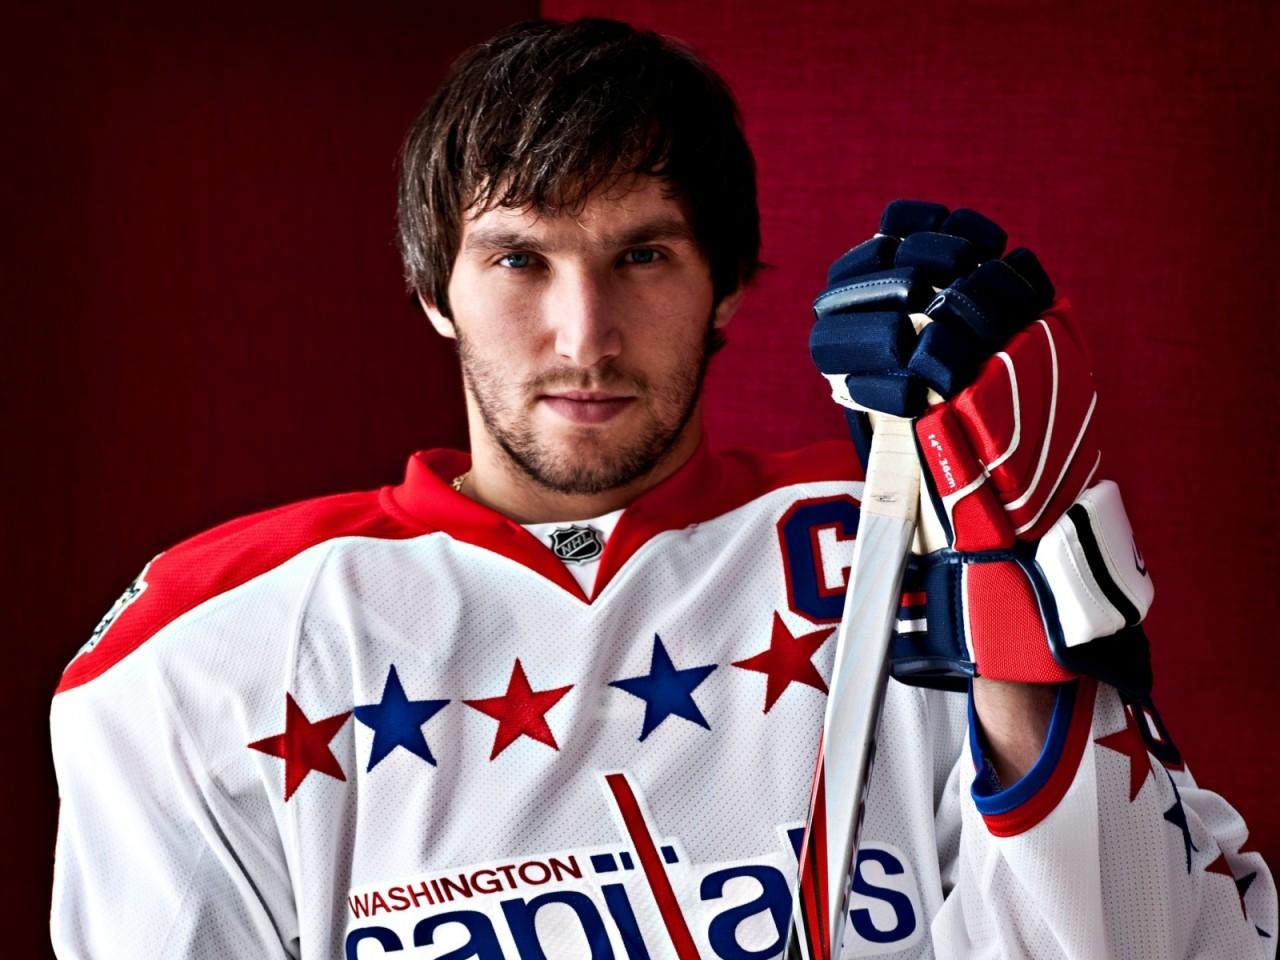 Овечкин попал в топ-5 хоккеистов с наивысшим доходом по версии Forbes